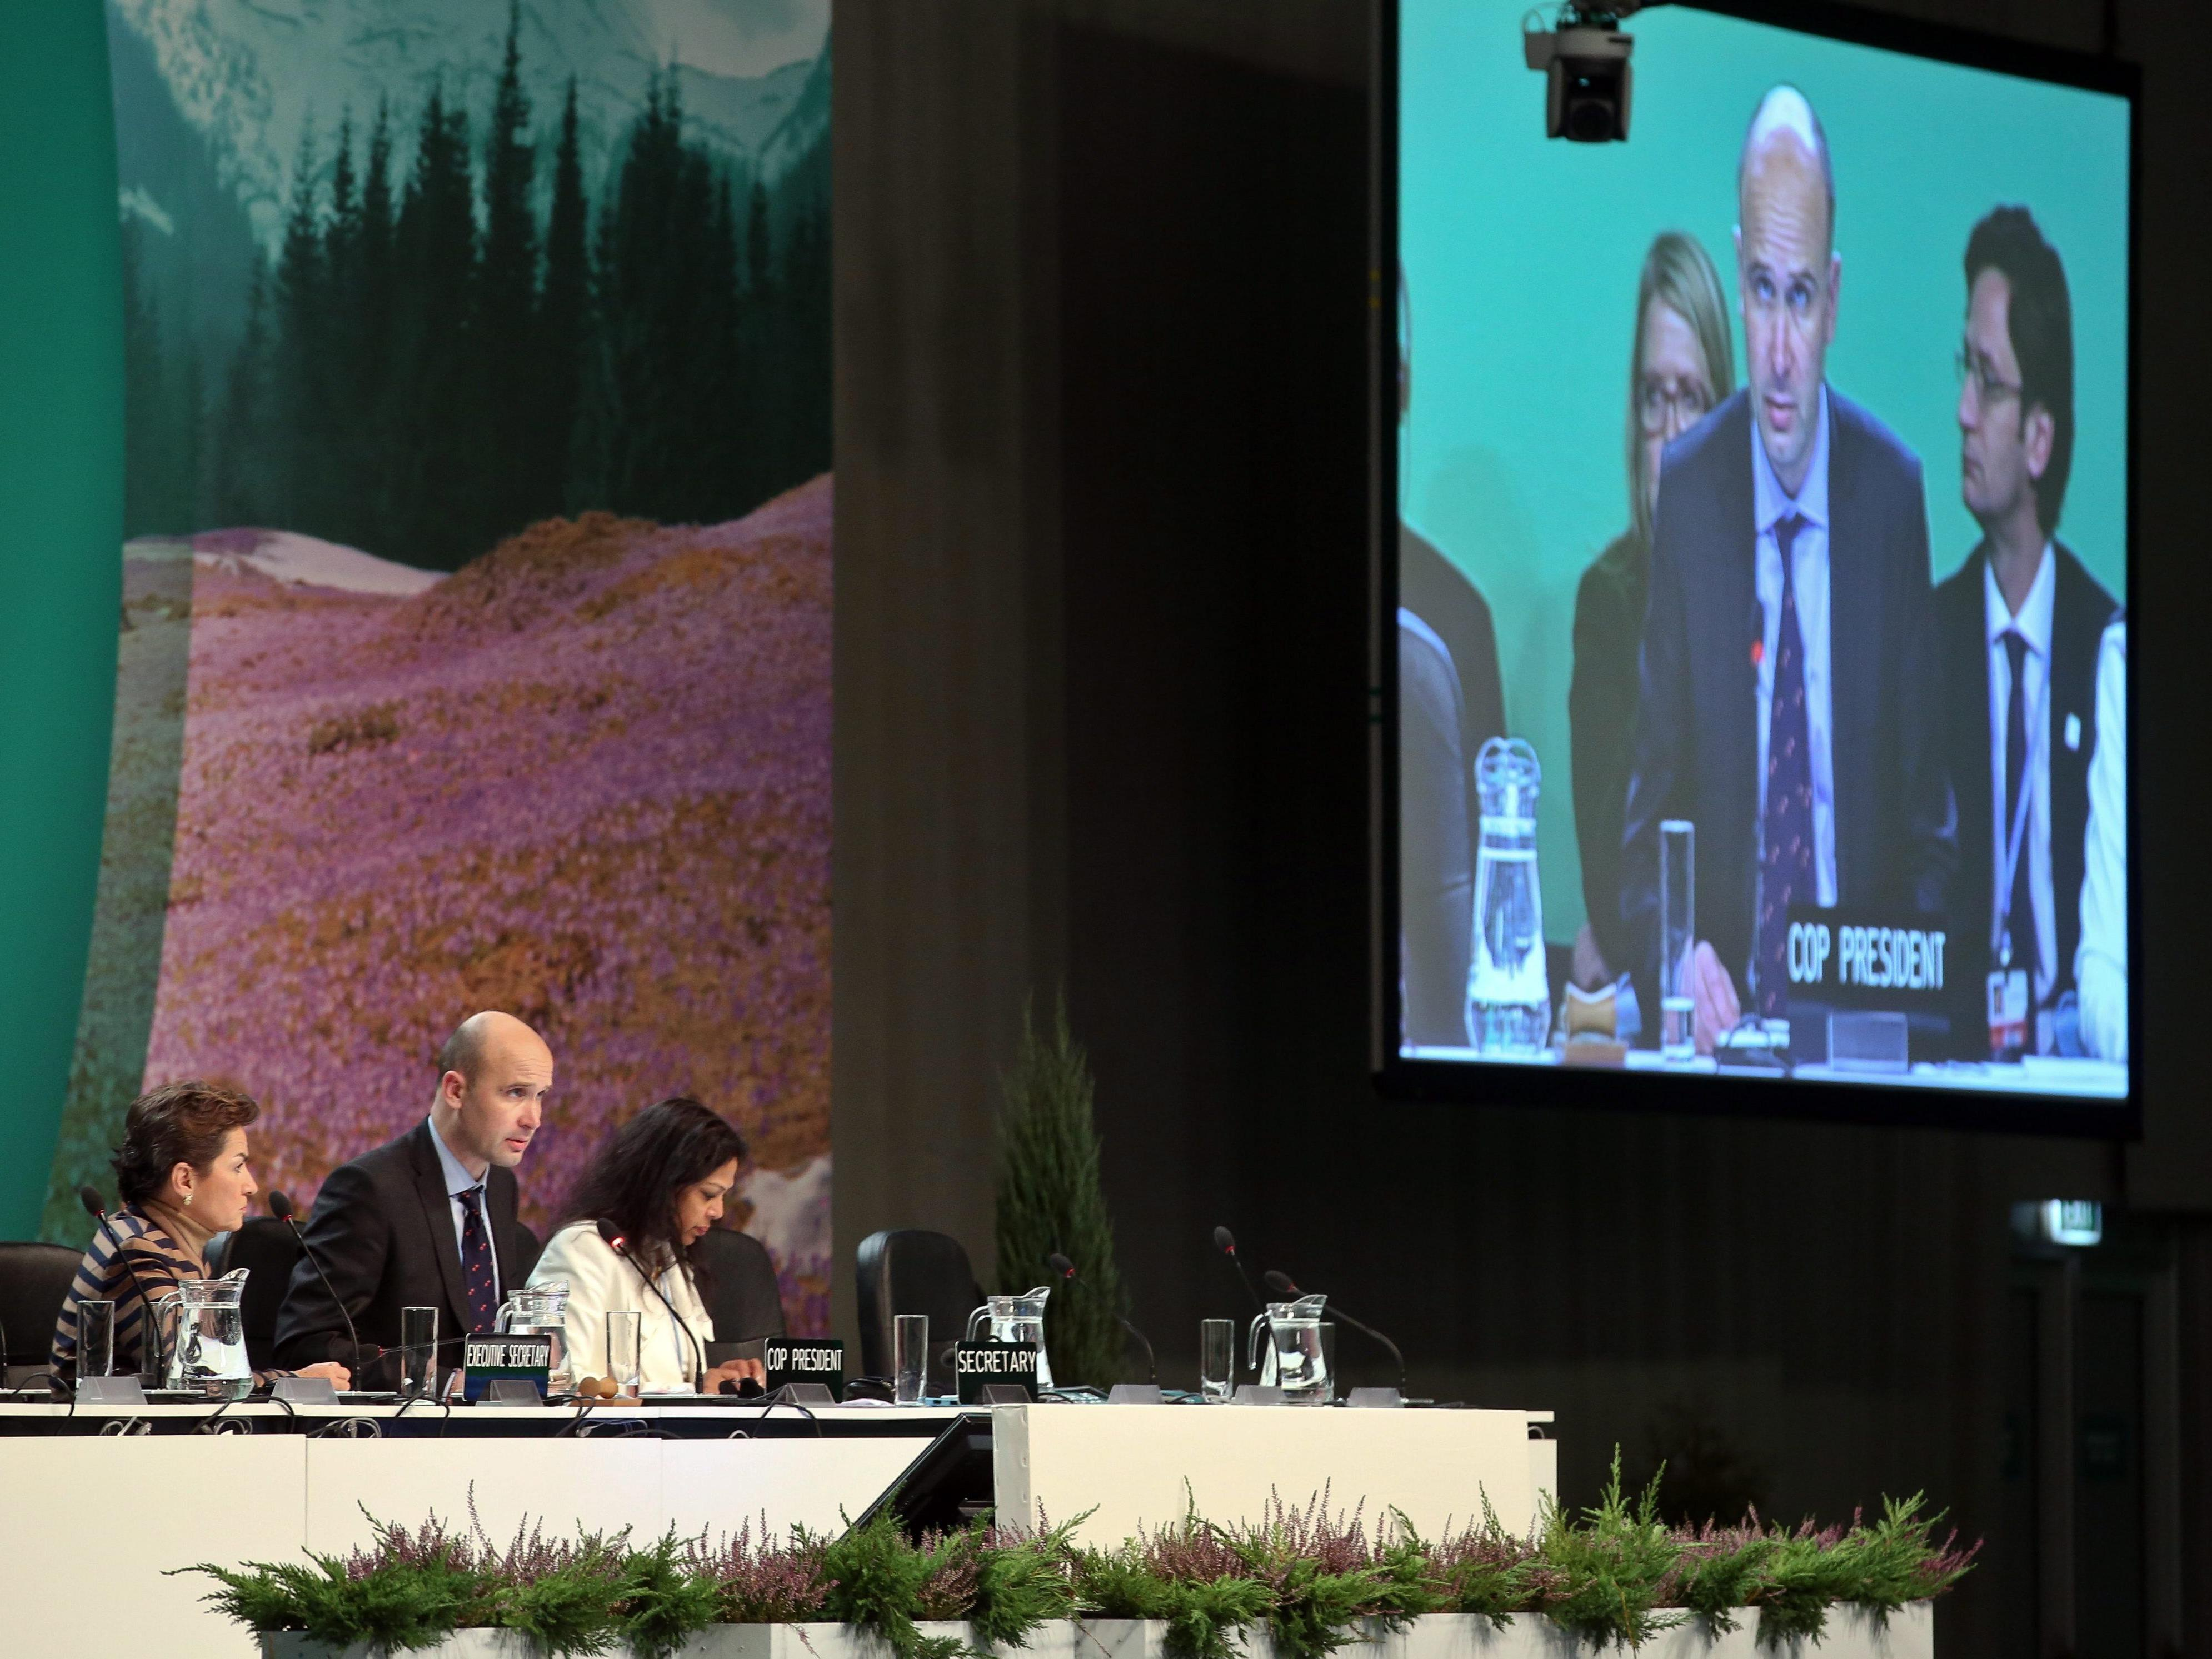 UN-Klimakonferenz: Einigung auf Klimaabkommen in Warschau am Verlängerungstag.